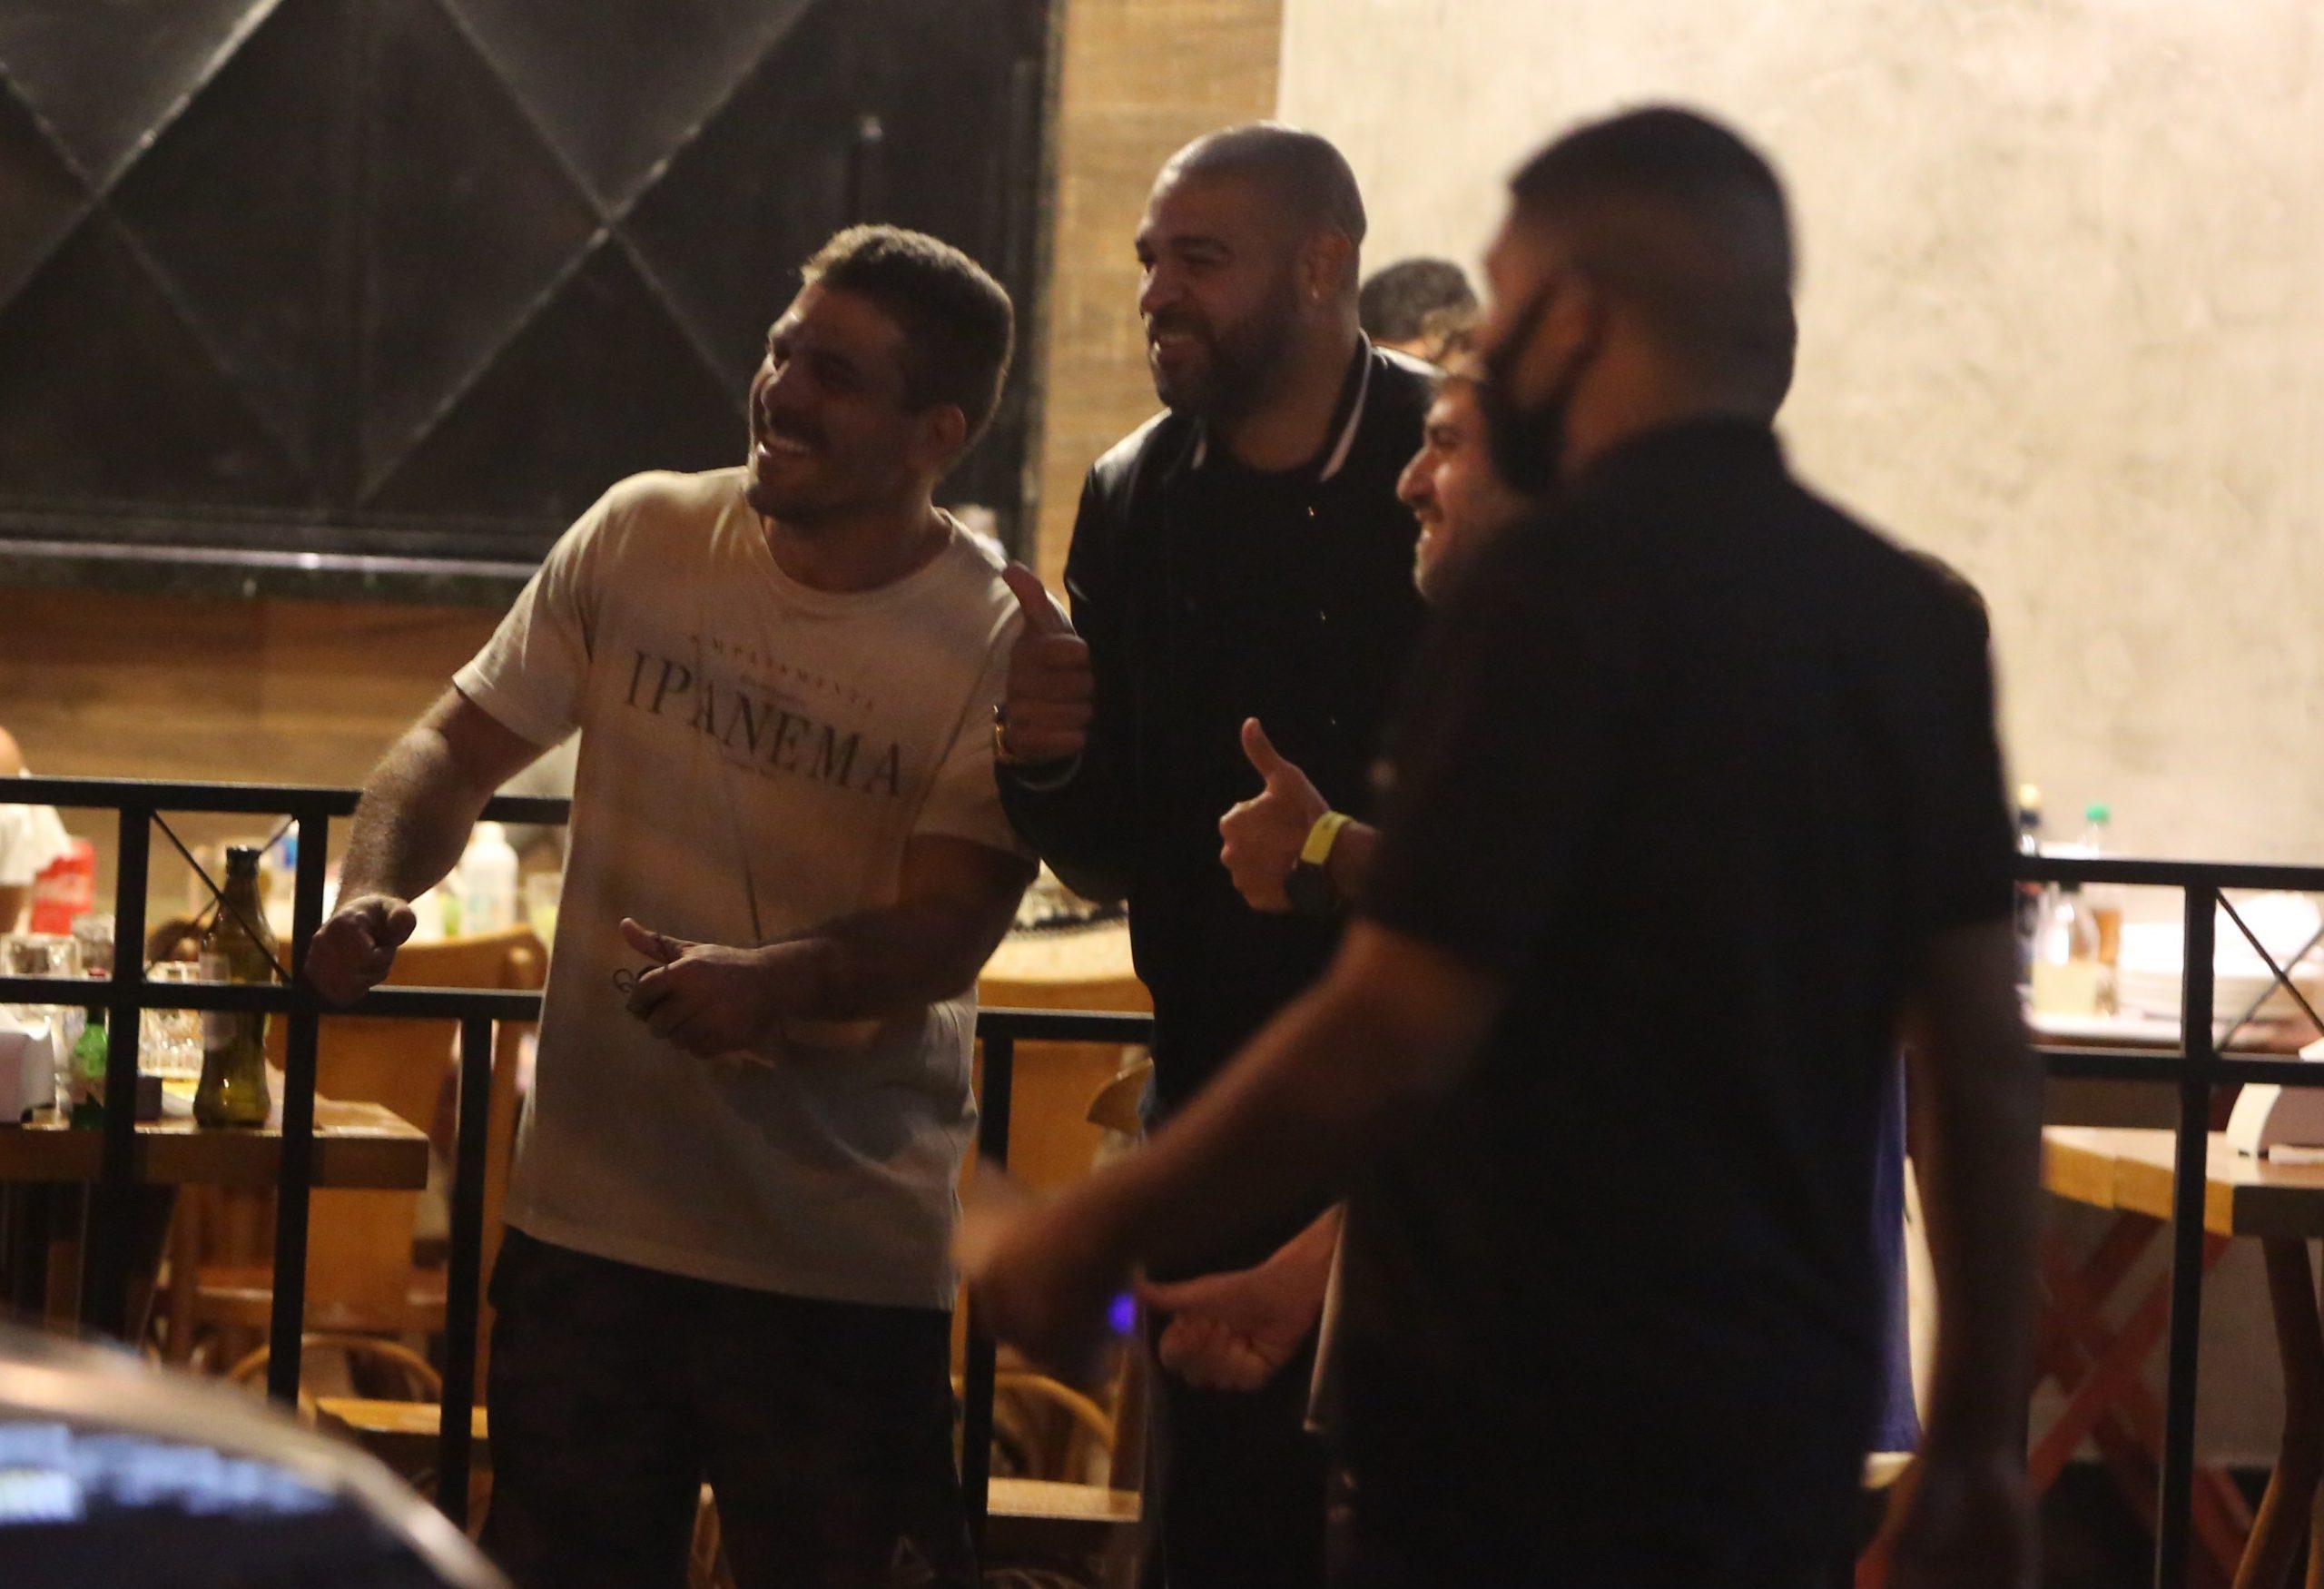 Após baile funk, Adriano Imperador curte a noite com amigos no Rio